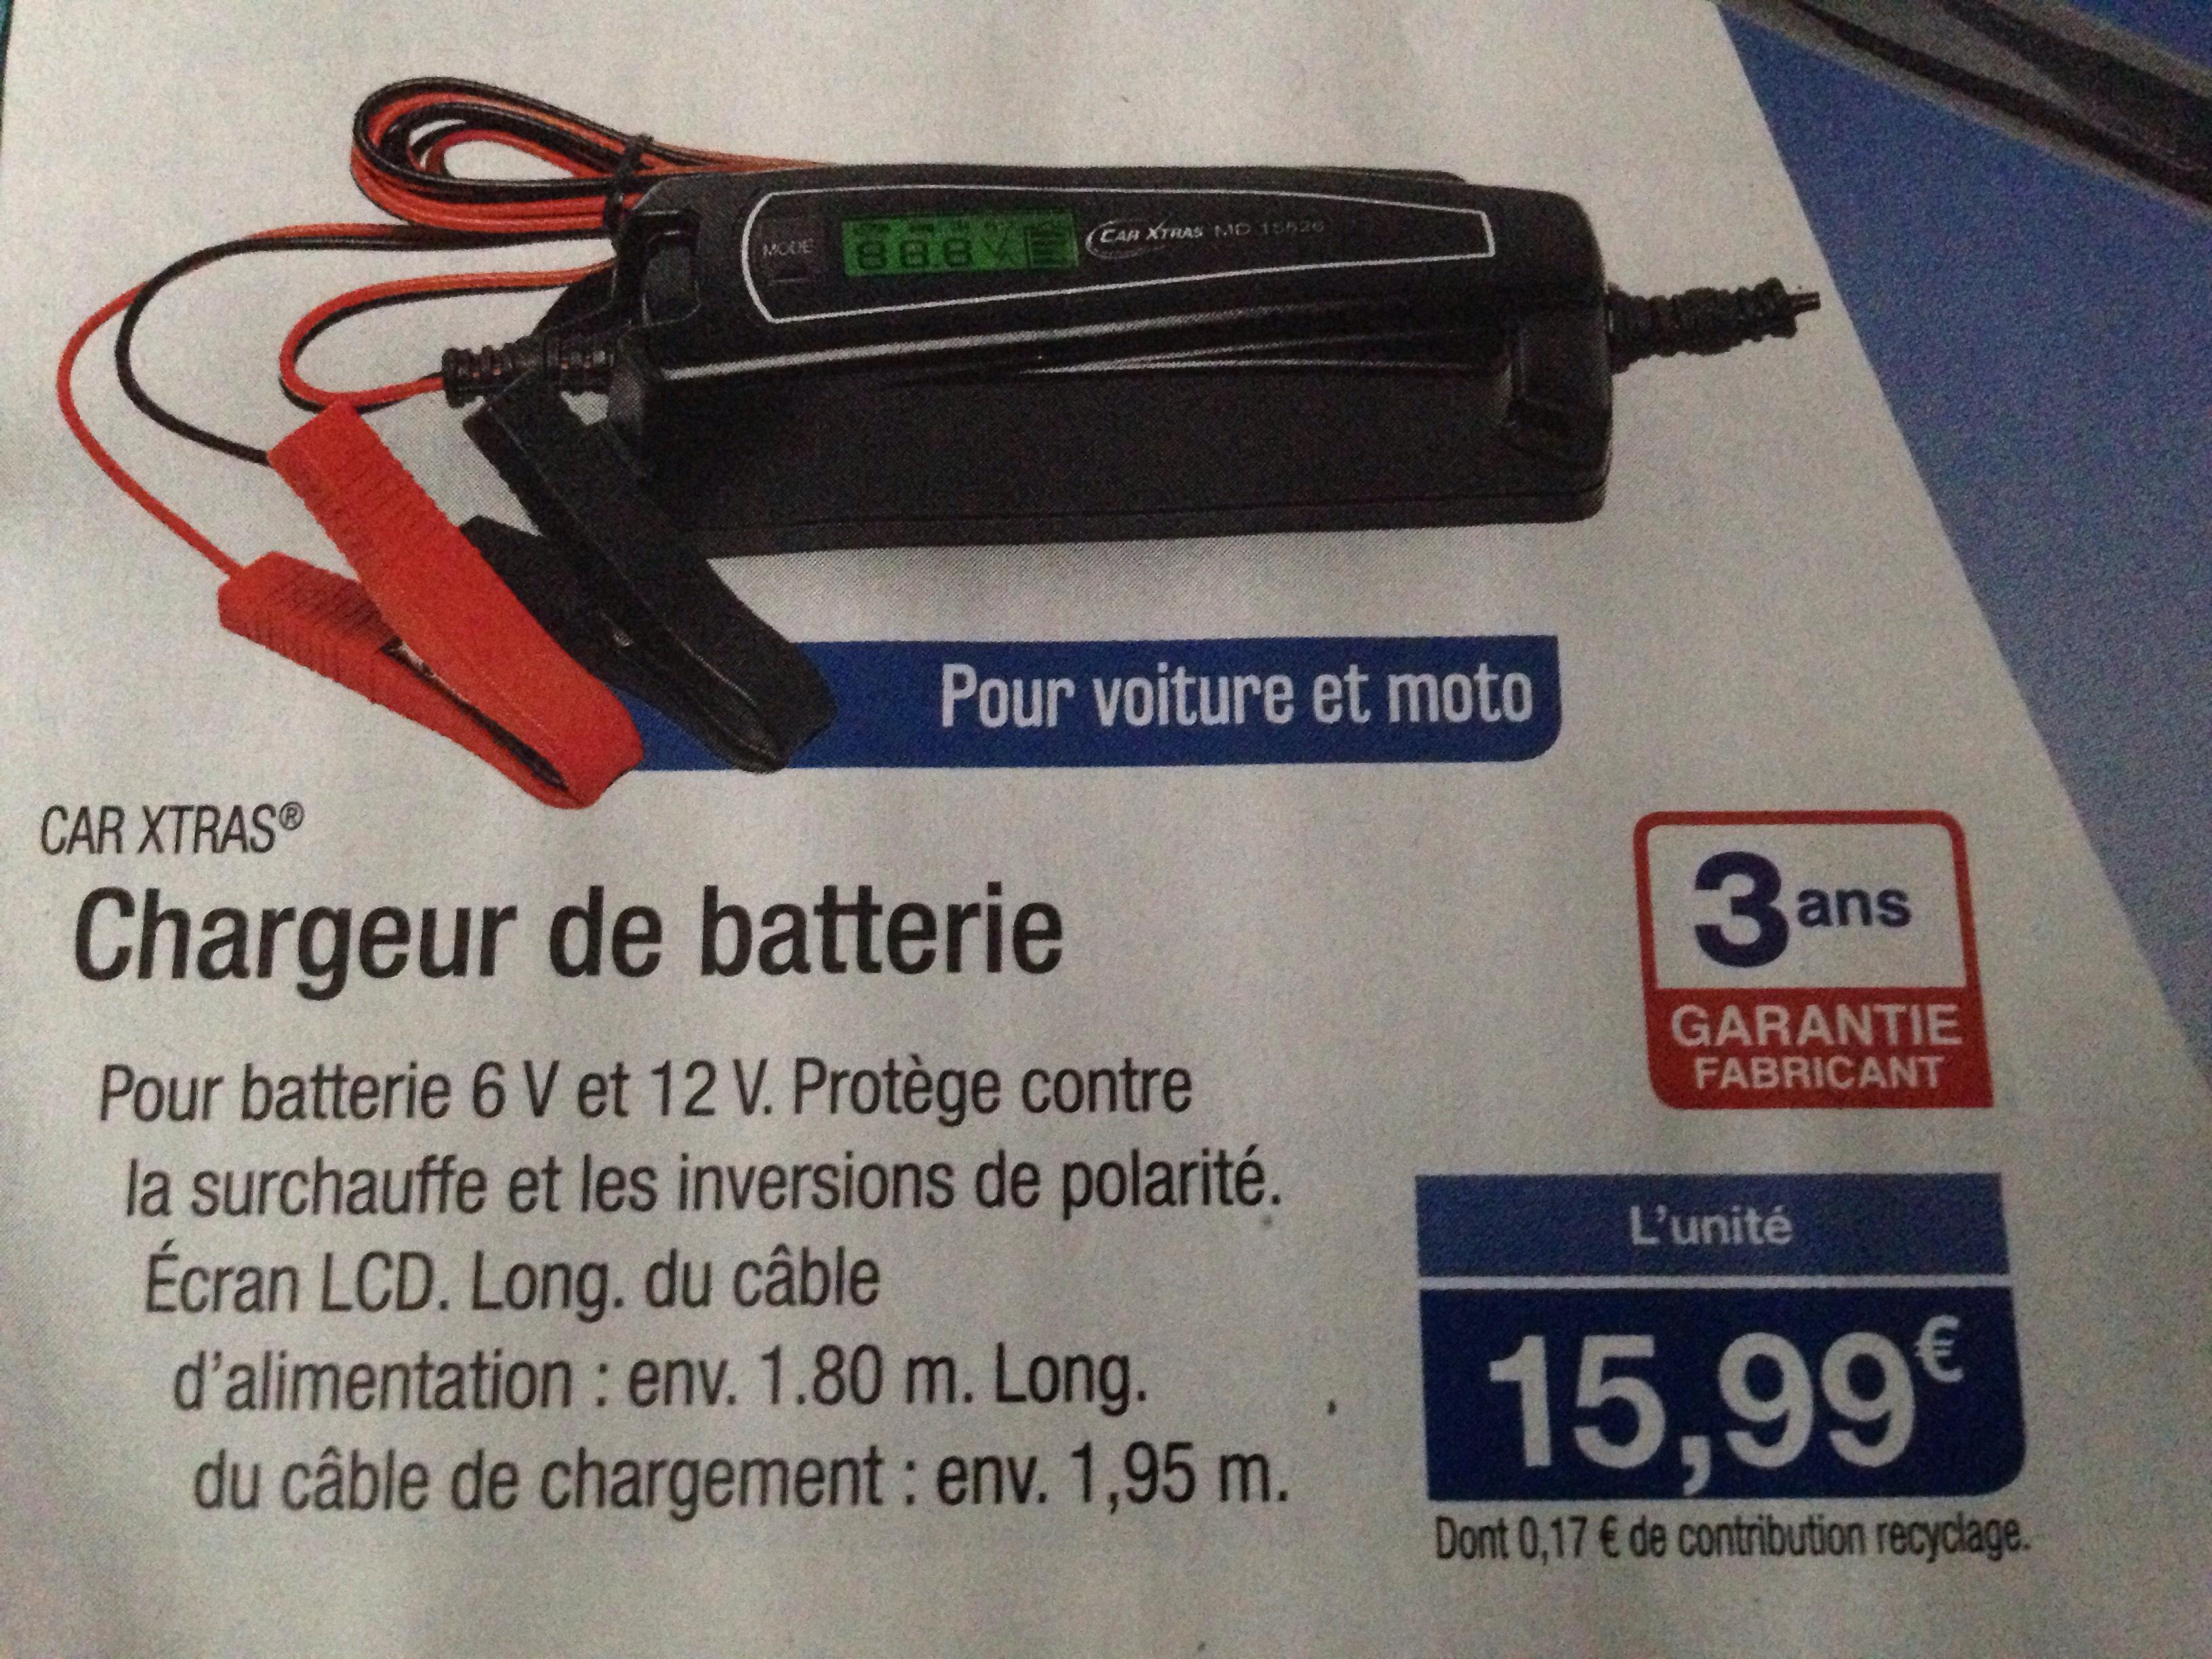 Chargeur de batterie Car Xtras - 6/12V